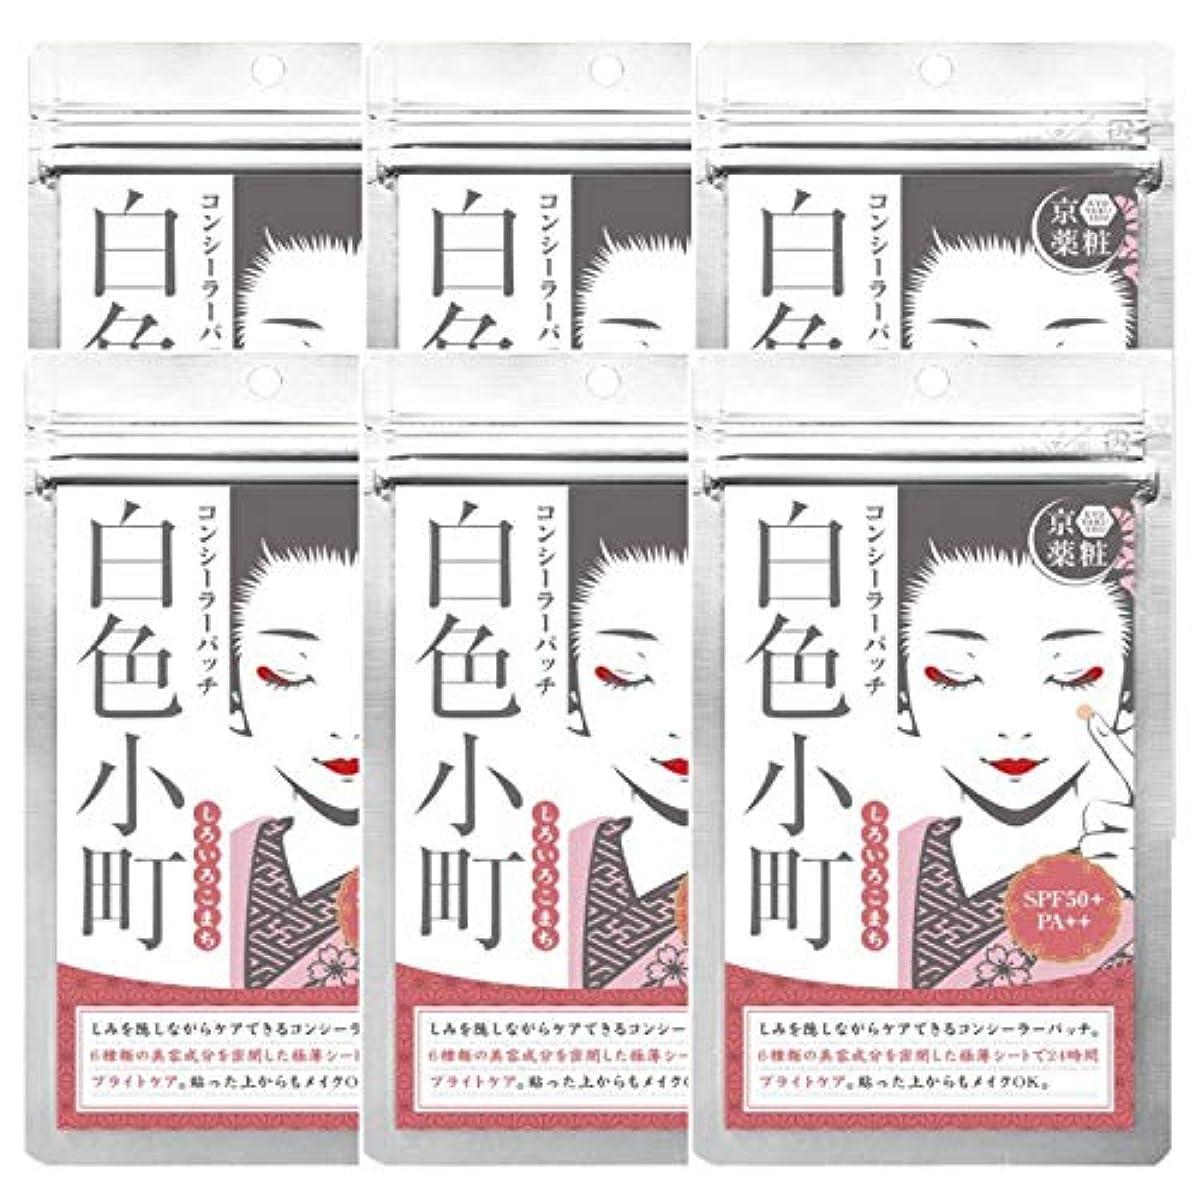 詐欺師あまりにも寄生虫京薬粧 白色小町 コンシーラーパッチ ×6セット